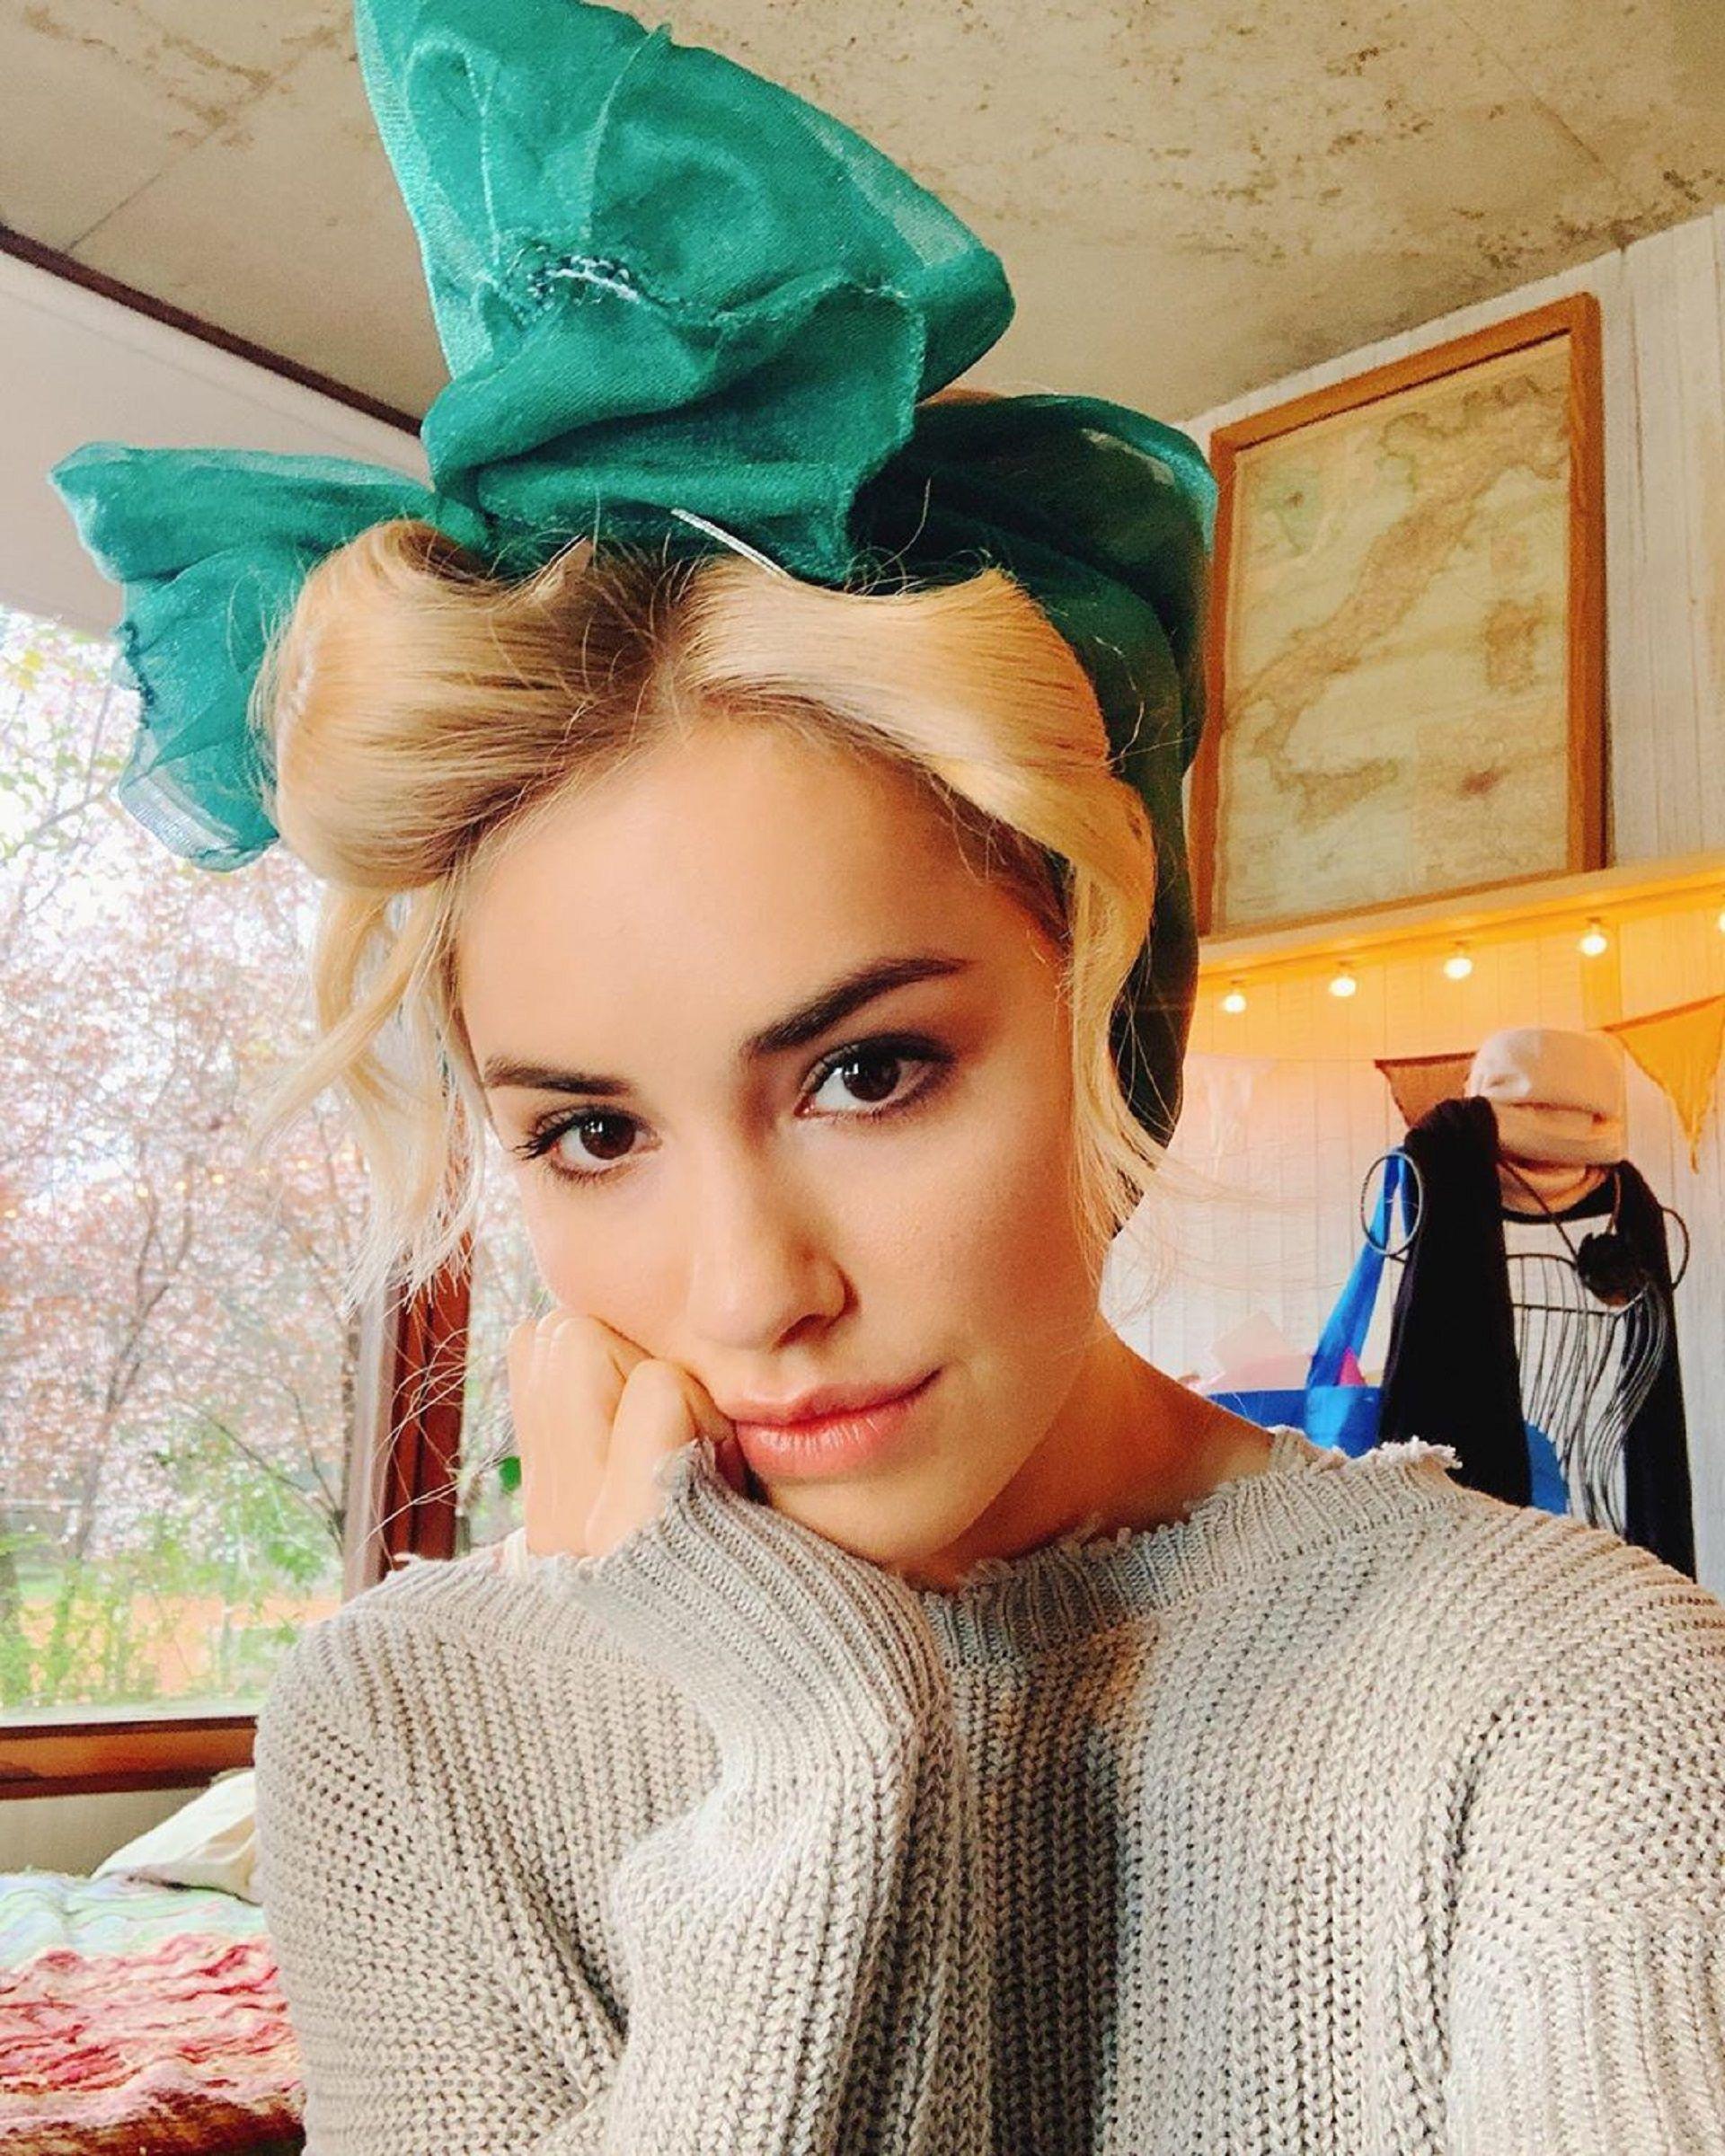 La actriz y cantante compartió las fotos en su cuenta de Instagram, red social en la que tiene seis millones de seguidores